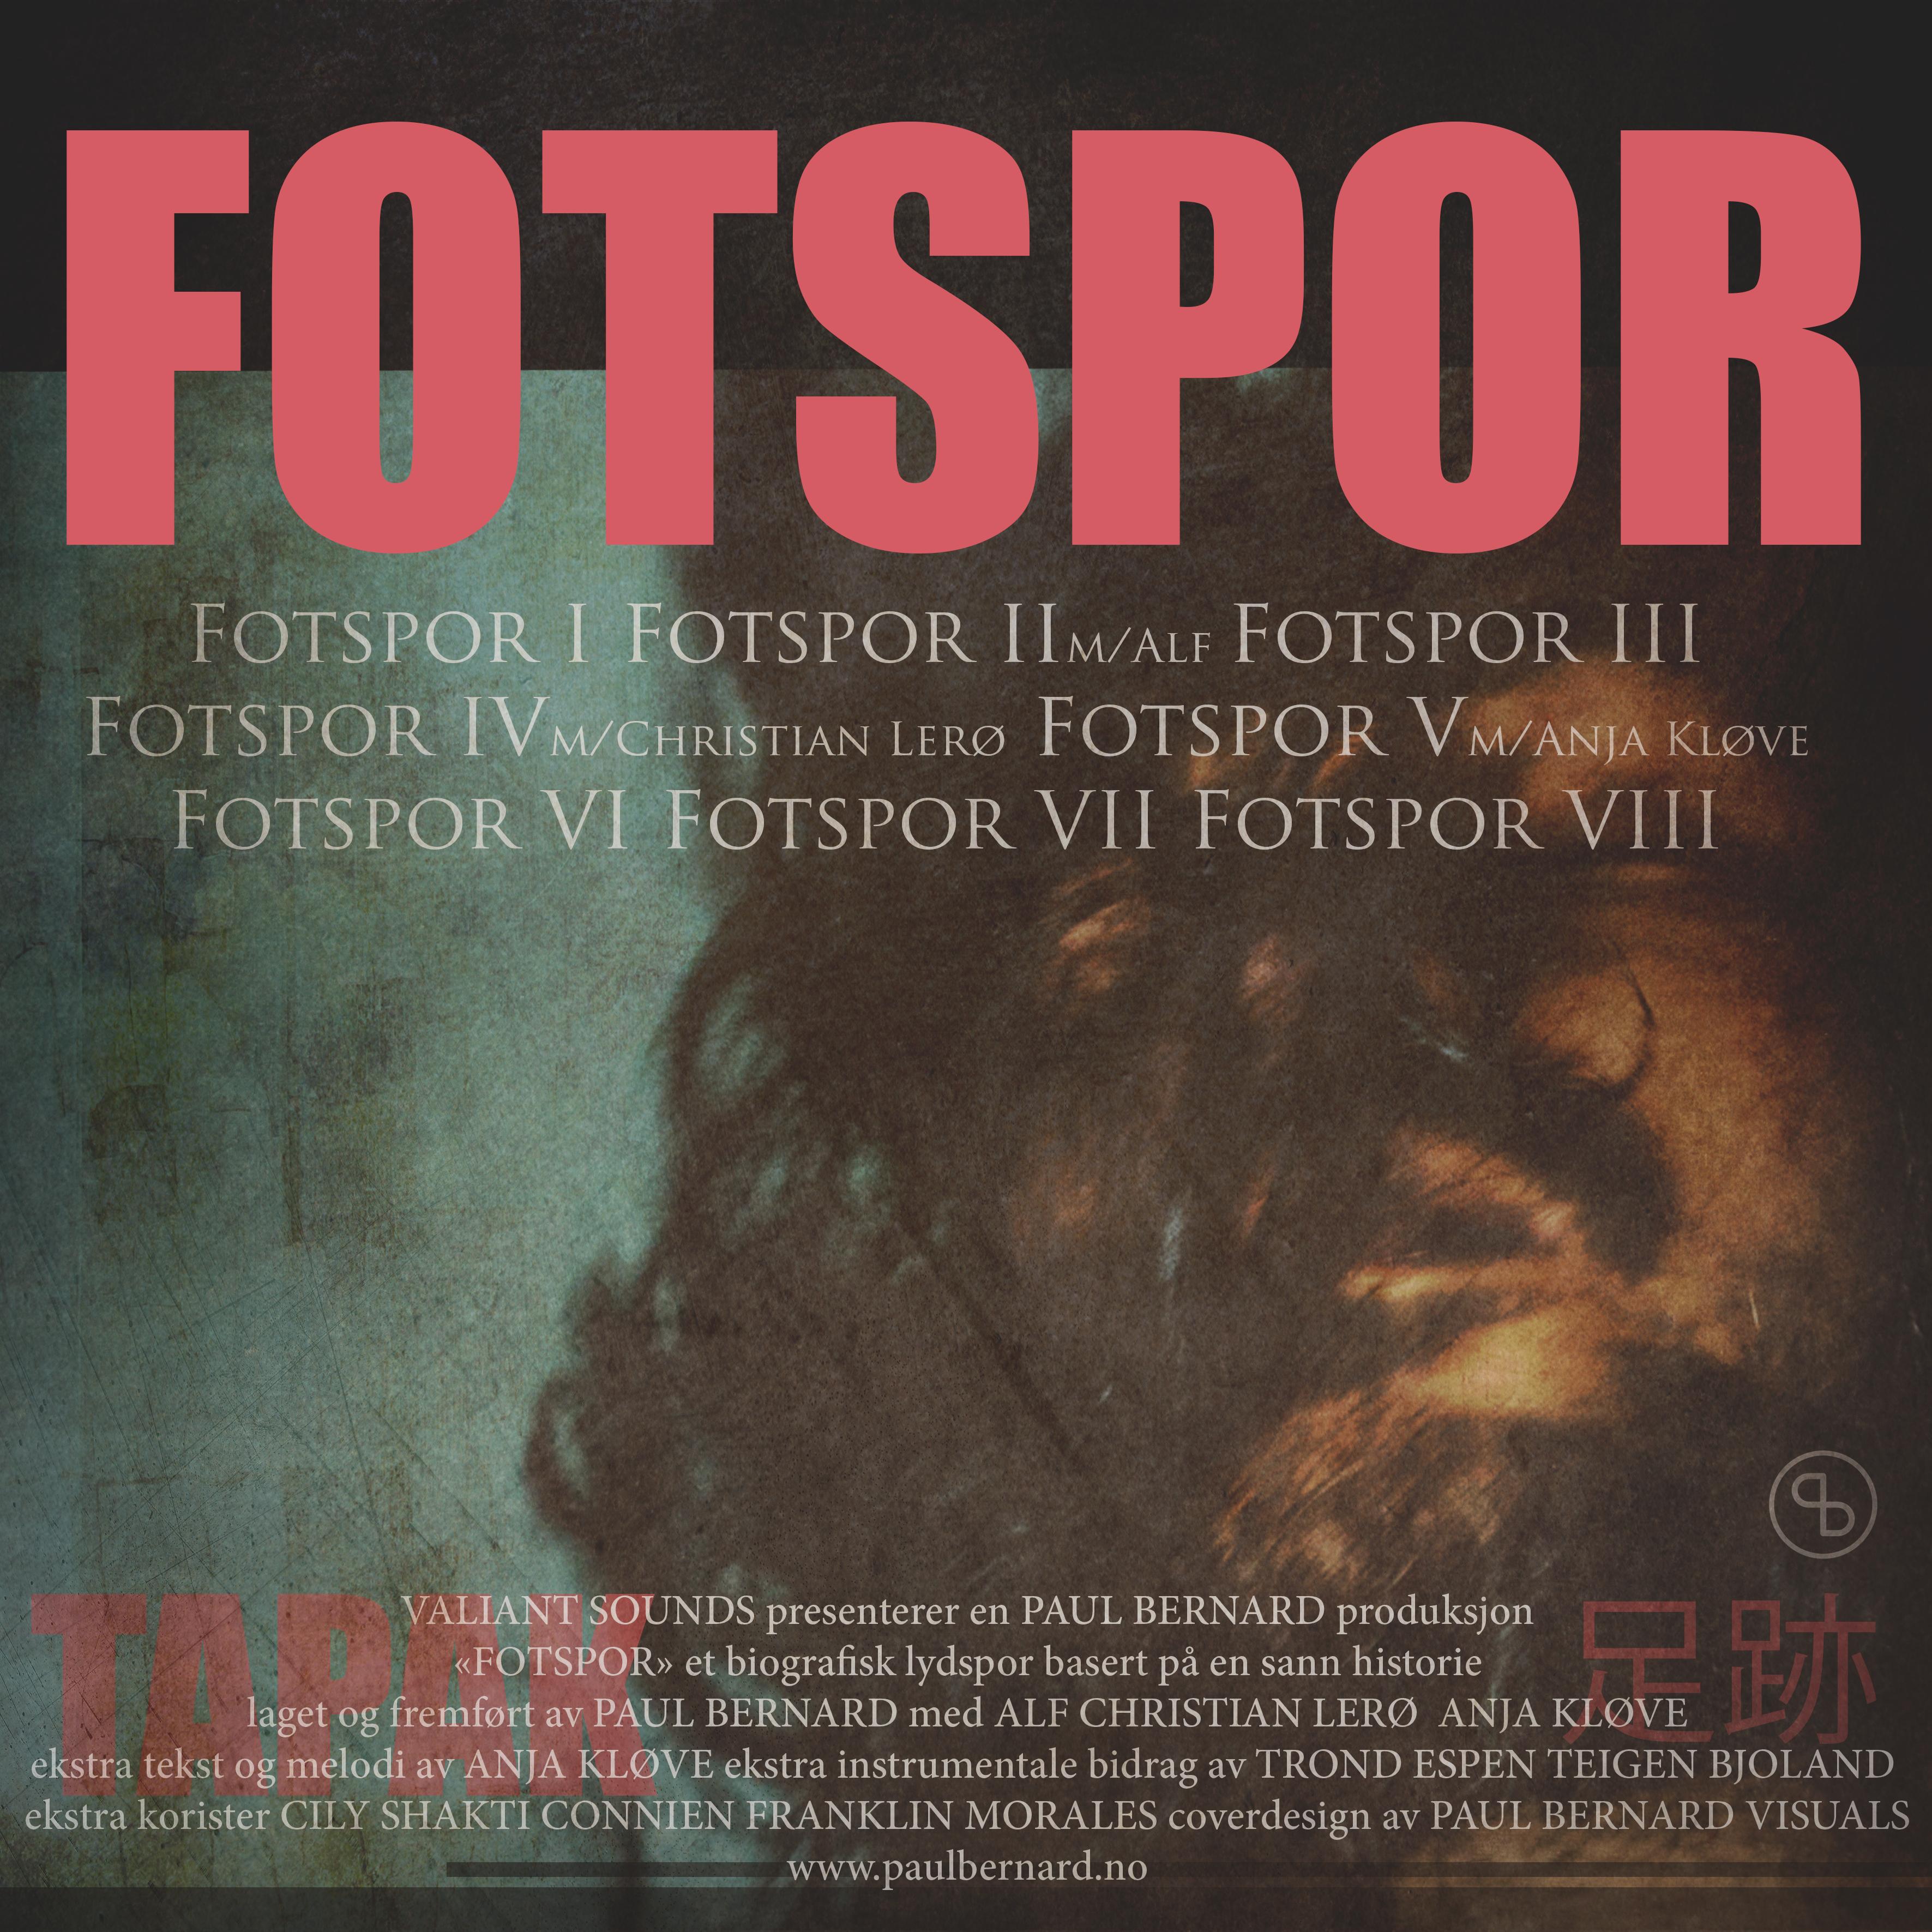 PaulBernard_FOTSPOR_coverfront